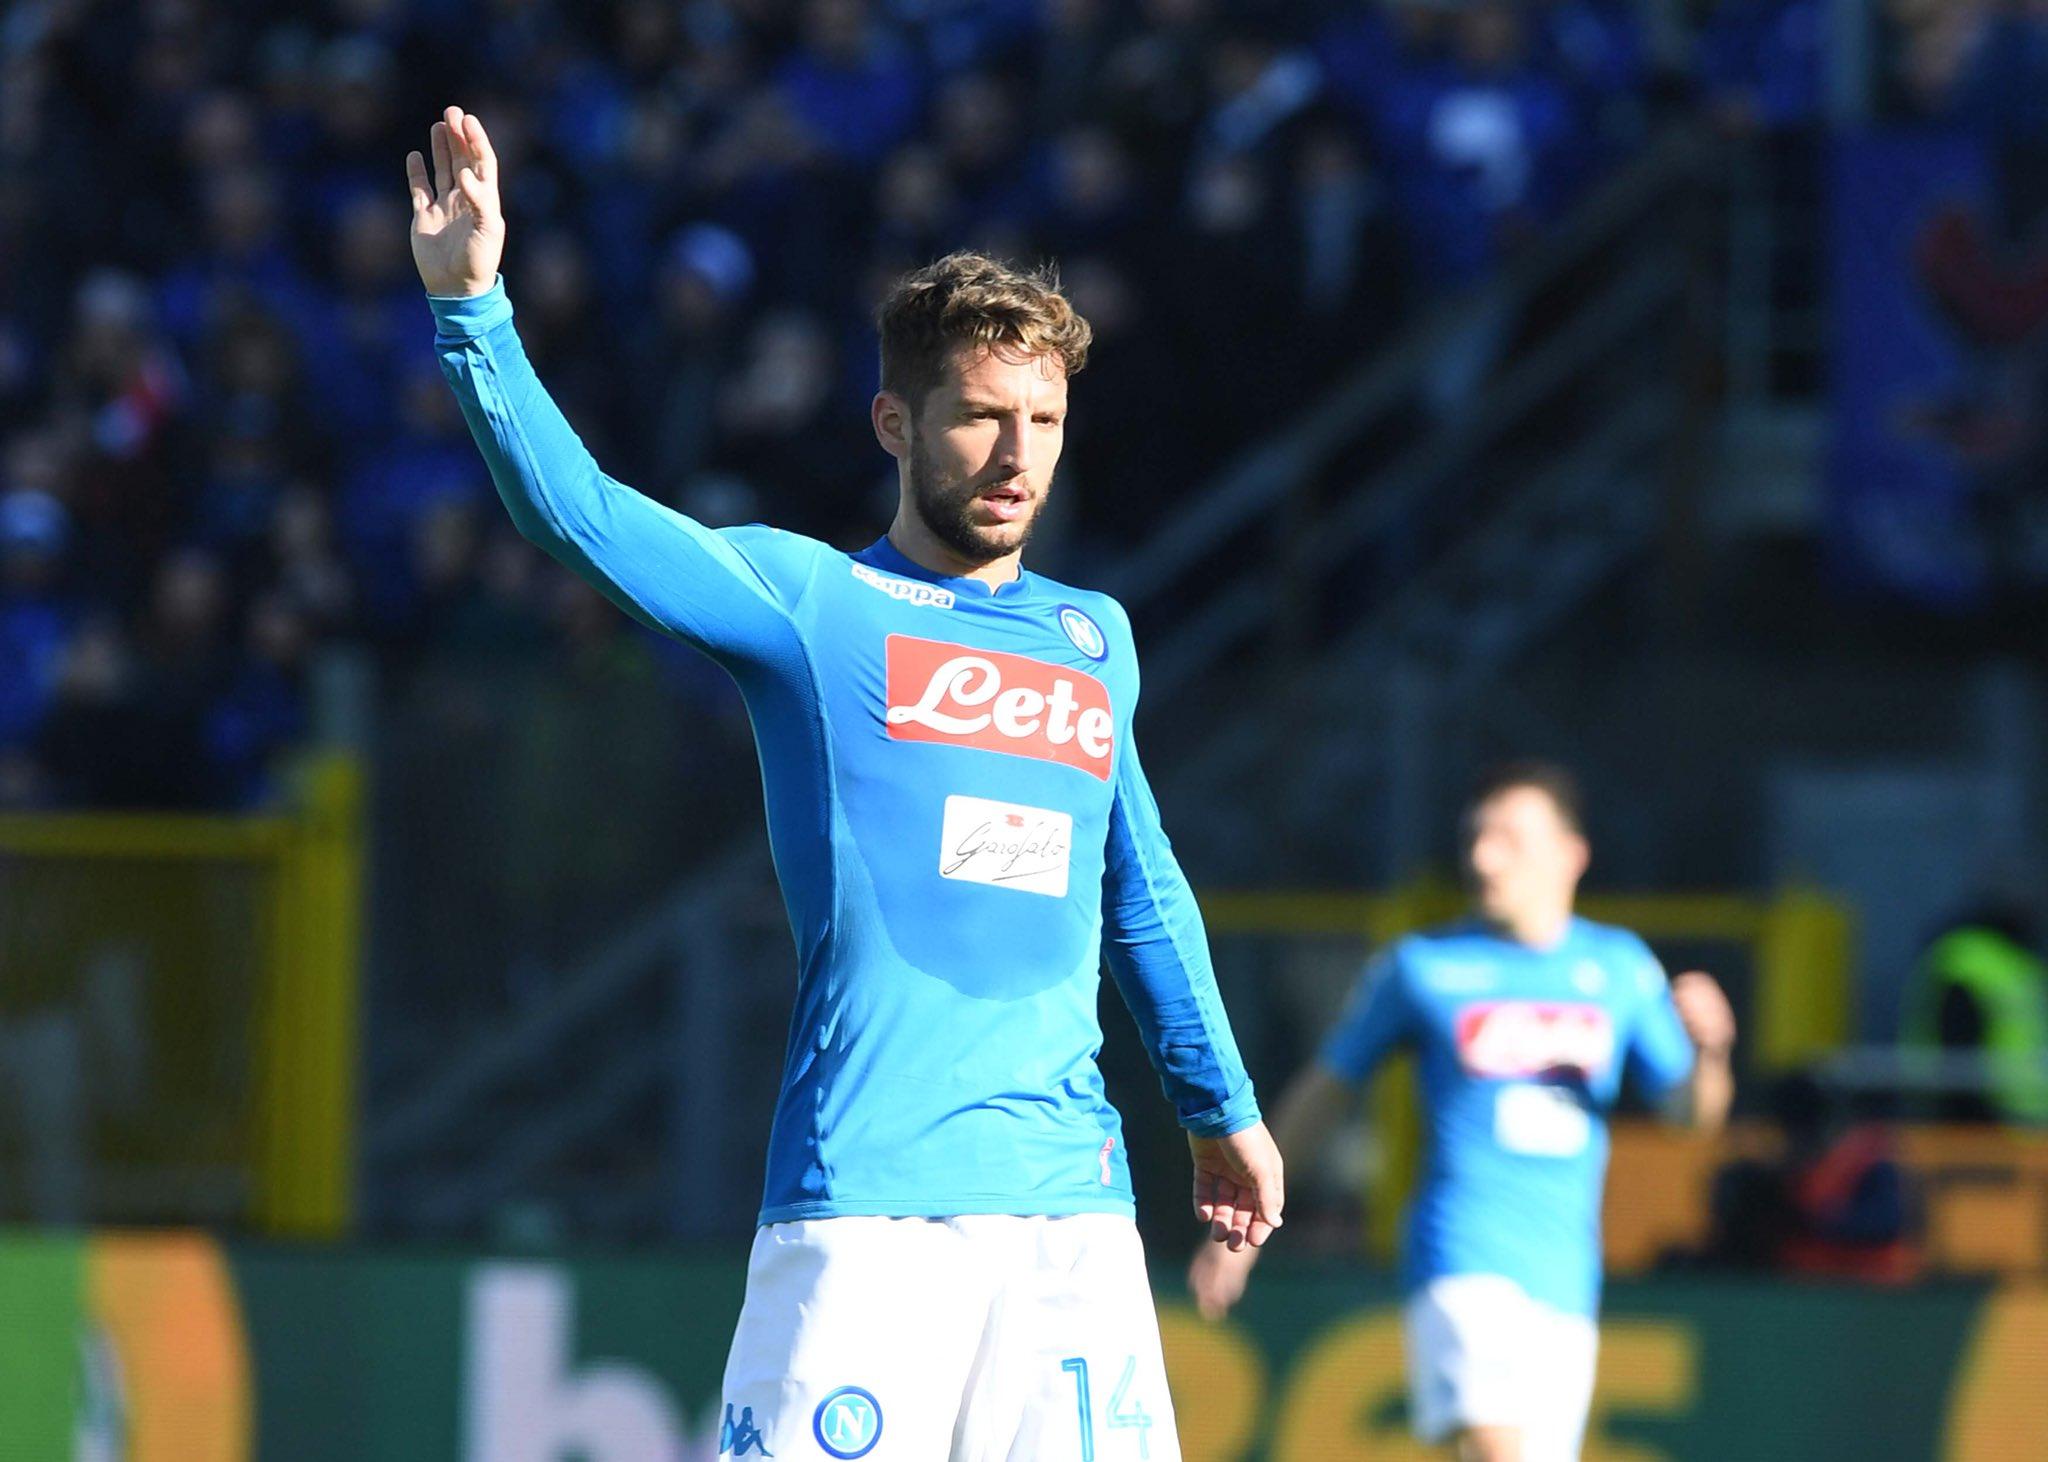 Atalanta-Napoli 0-1, Mertens batte i fantasmi. E il Napoli batte sé stesso